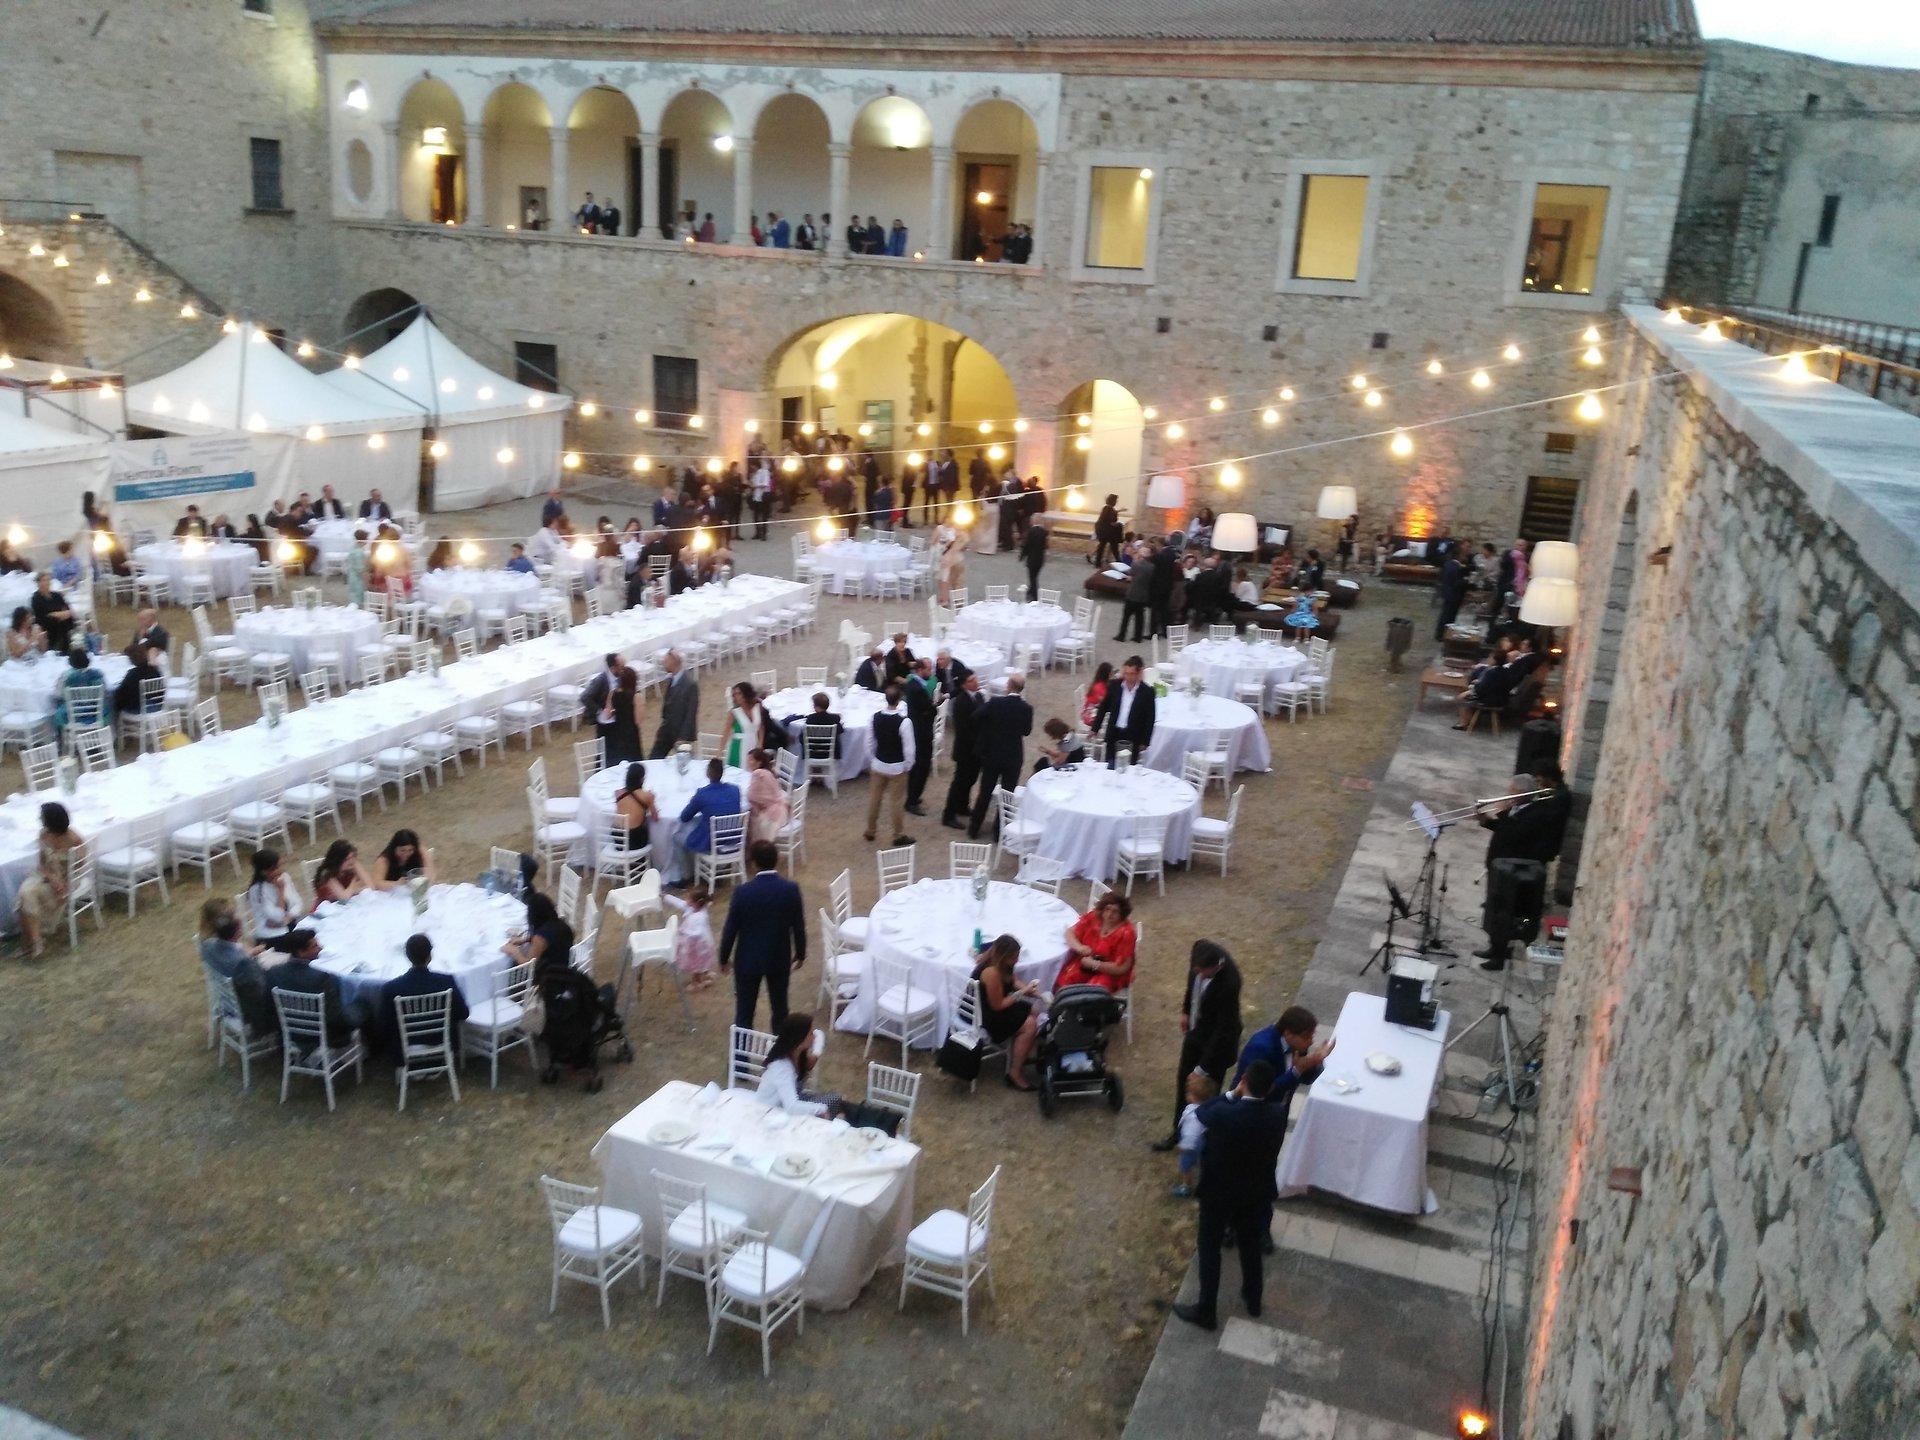 tavolate bianche per celebrazione evento all'aperto